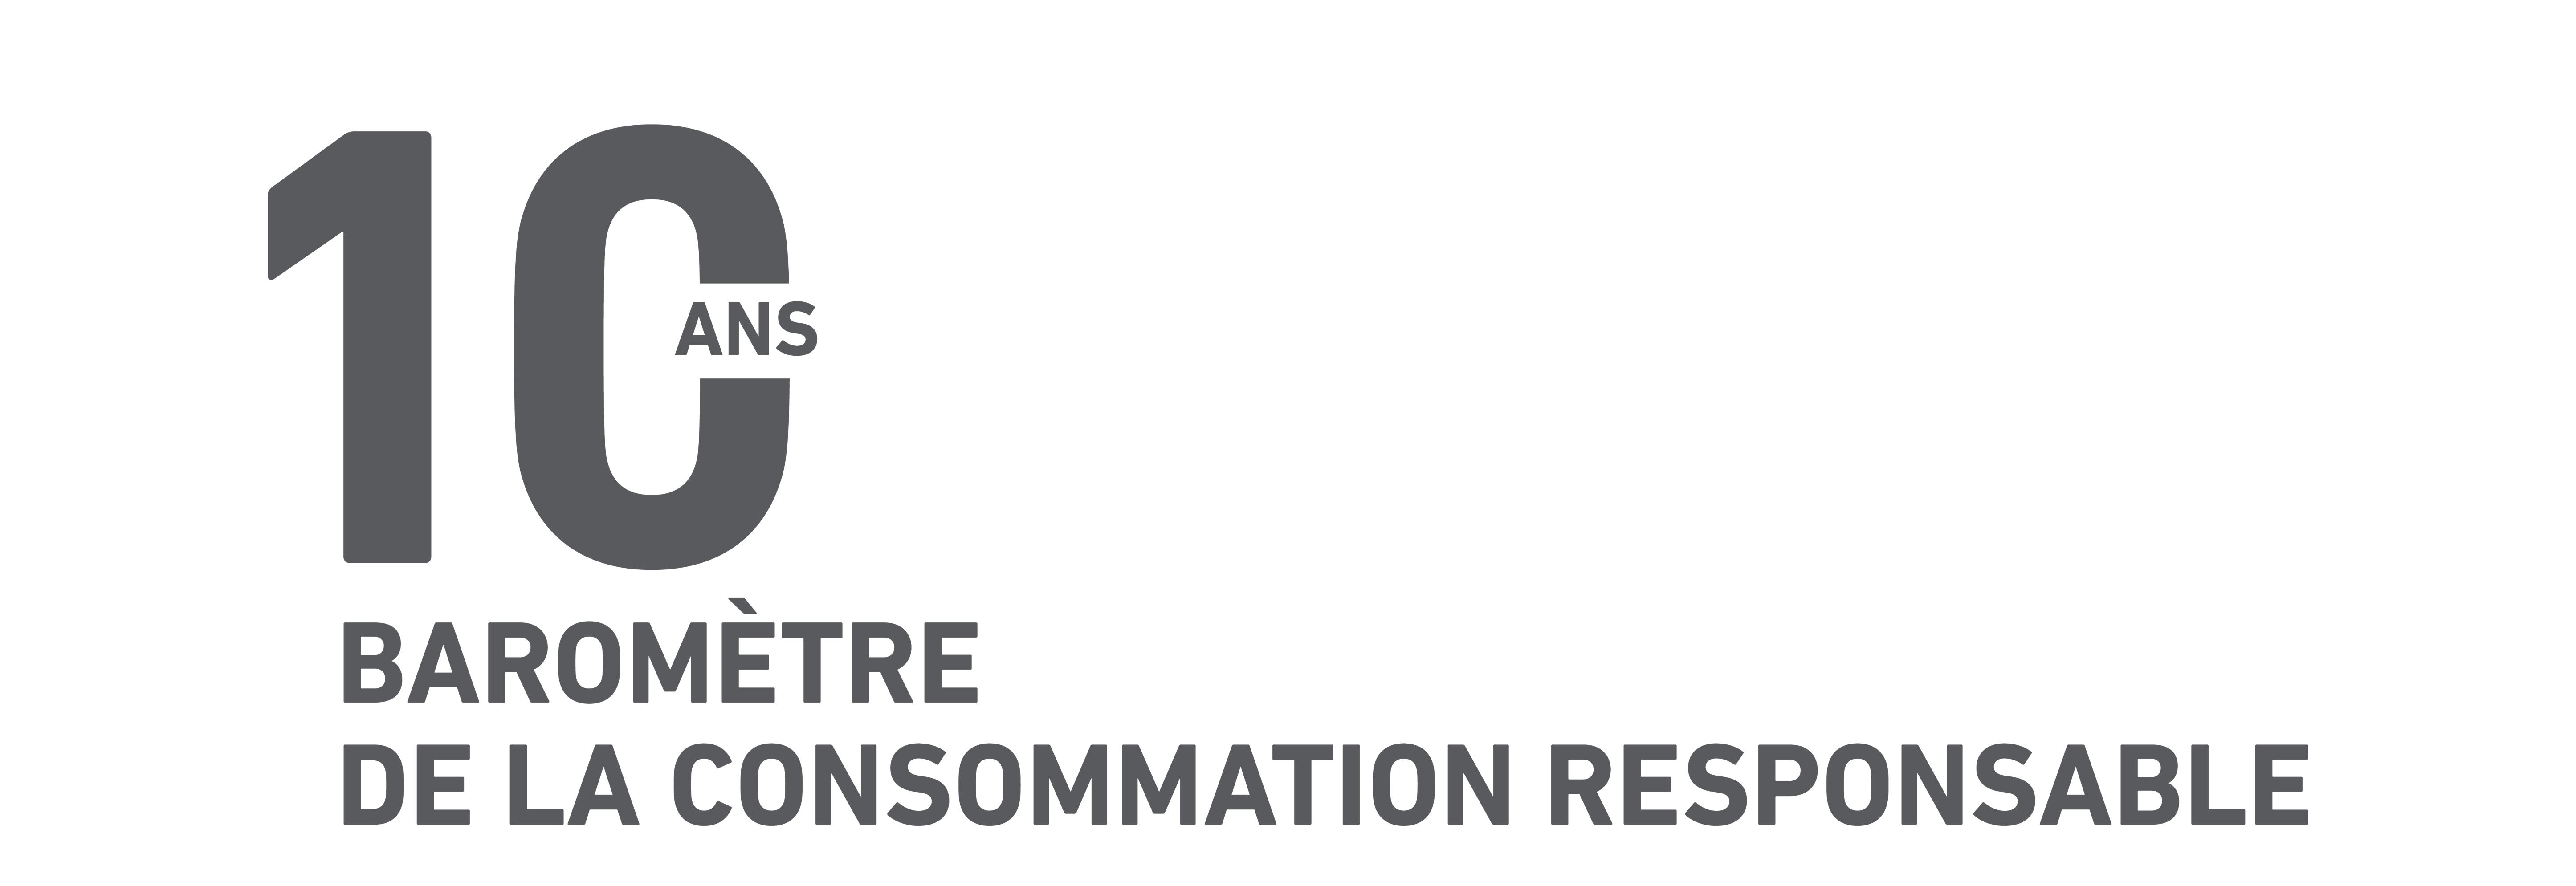 Baromètre de la consommation responsable Édition 2019